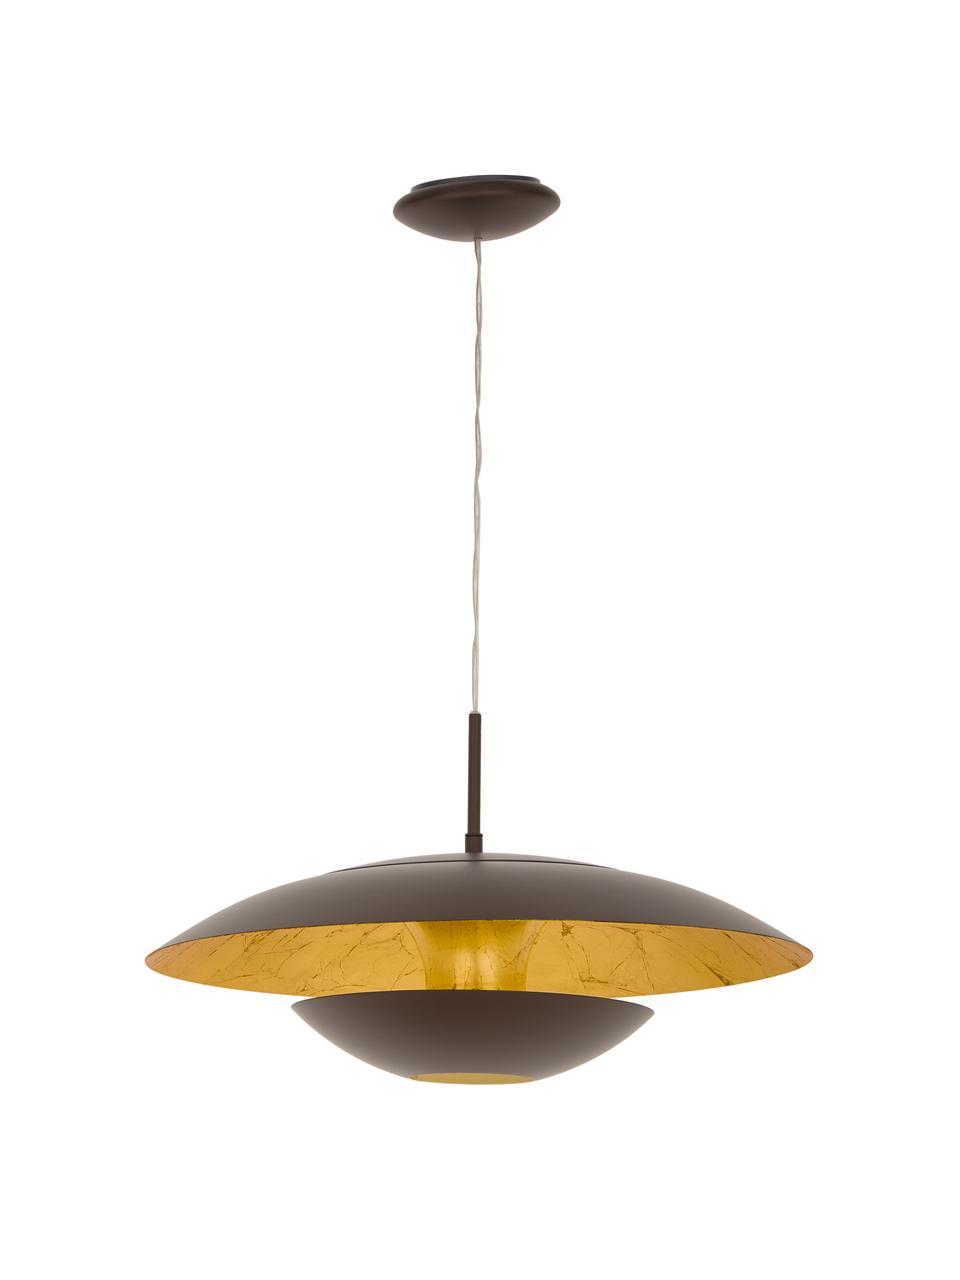 Lampada a sospensione marrone Nuvano, Paralume: acciaio verniciato a polv, Baldacchino: metallo, Marrone, dorato, Ø 48 x Alt. 18 cm